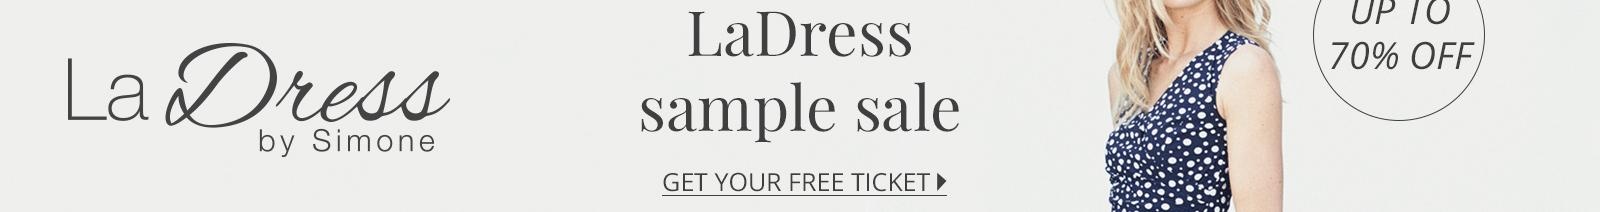 Hoge kortingen tijdens de sample sale van LaDress. Ben jij er bij?